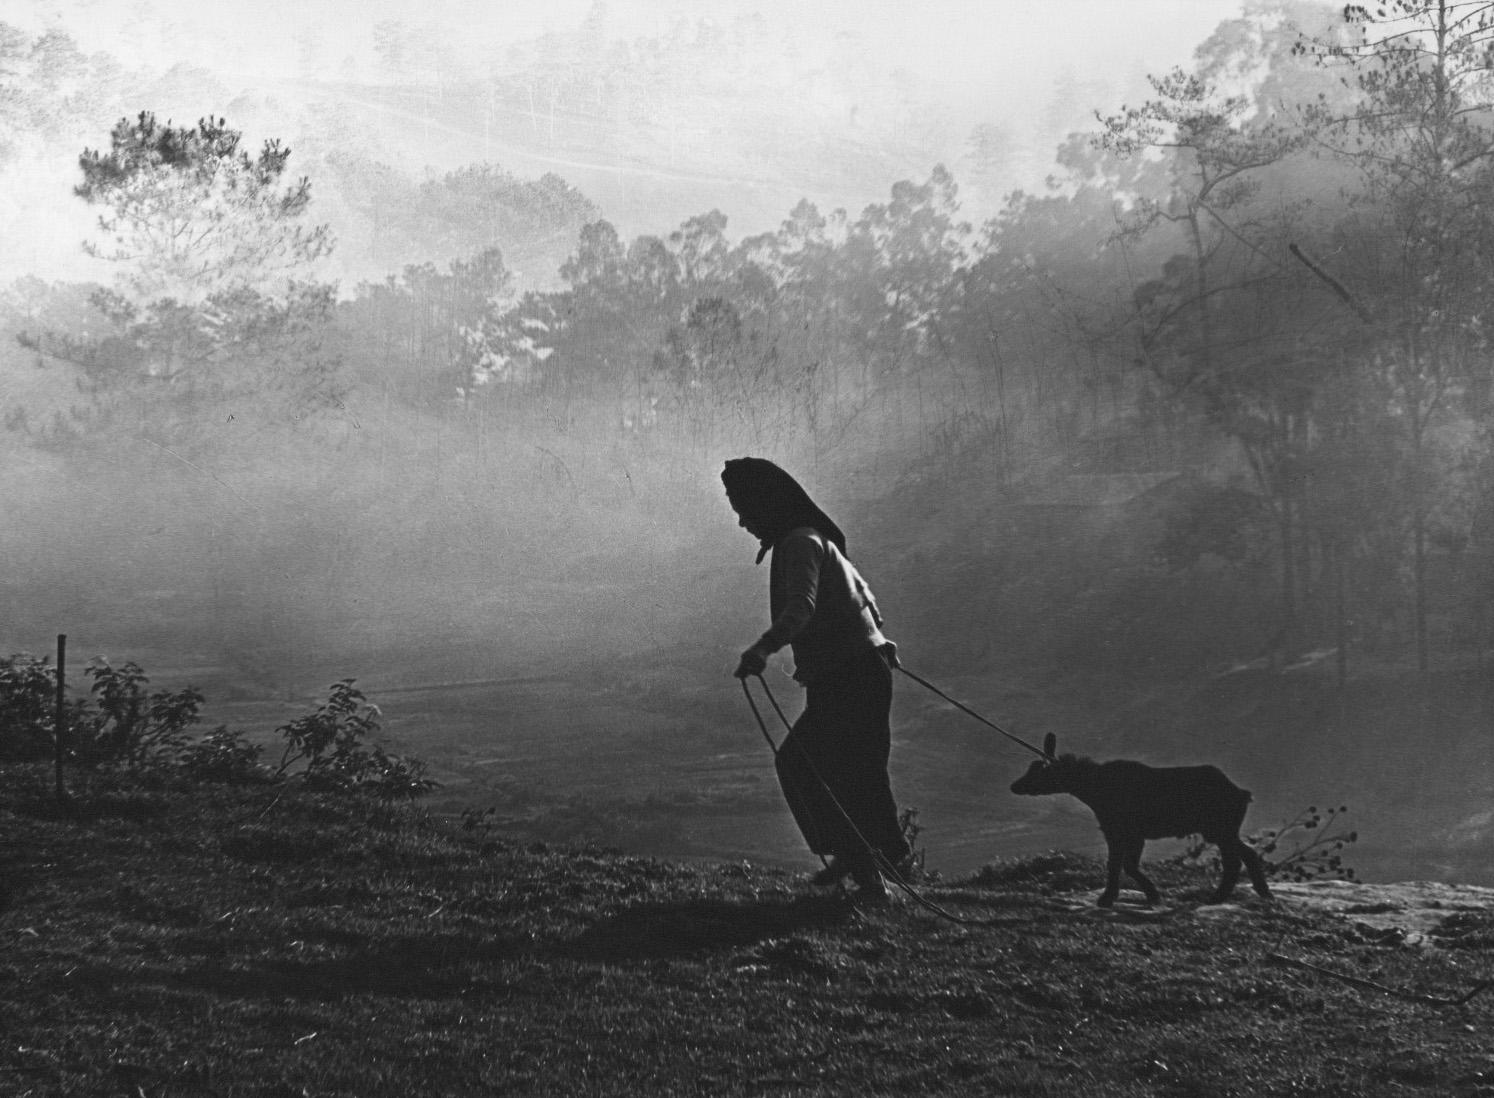 Winter Morning, Vietnam, 1965